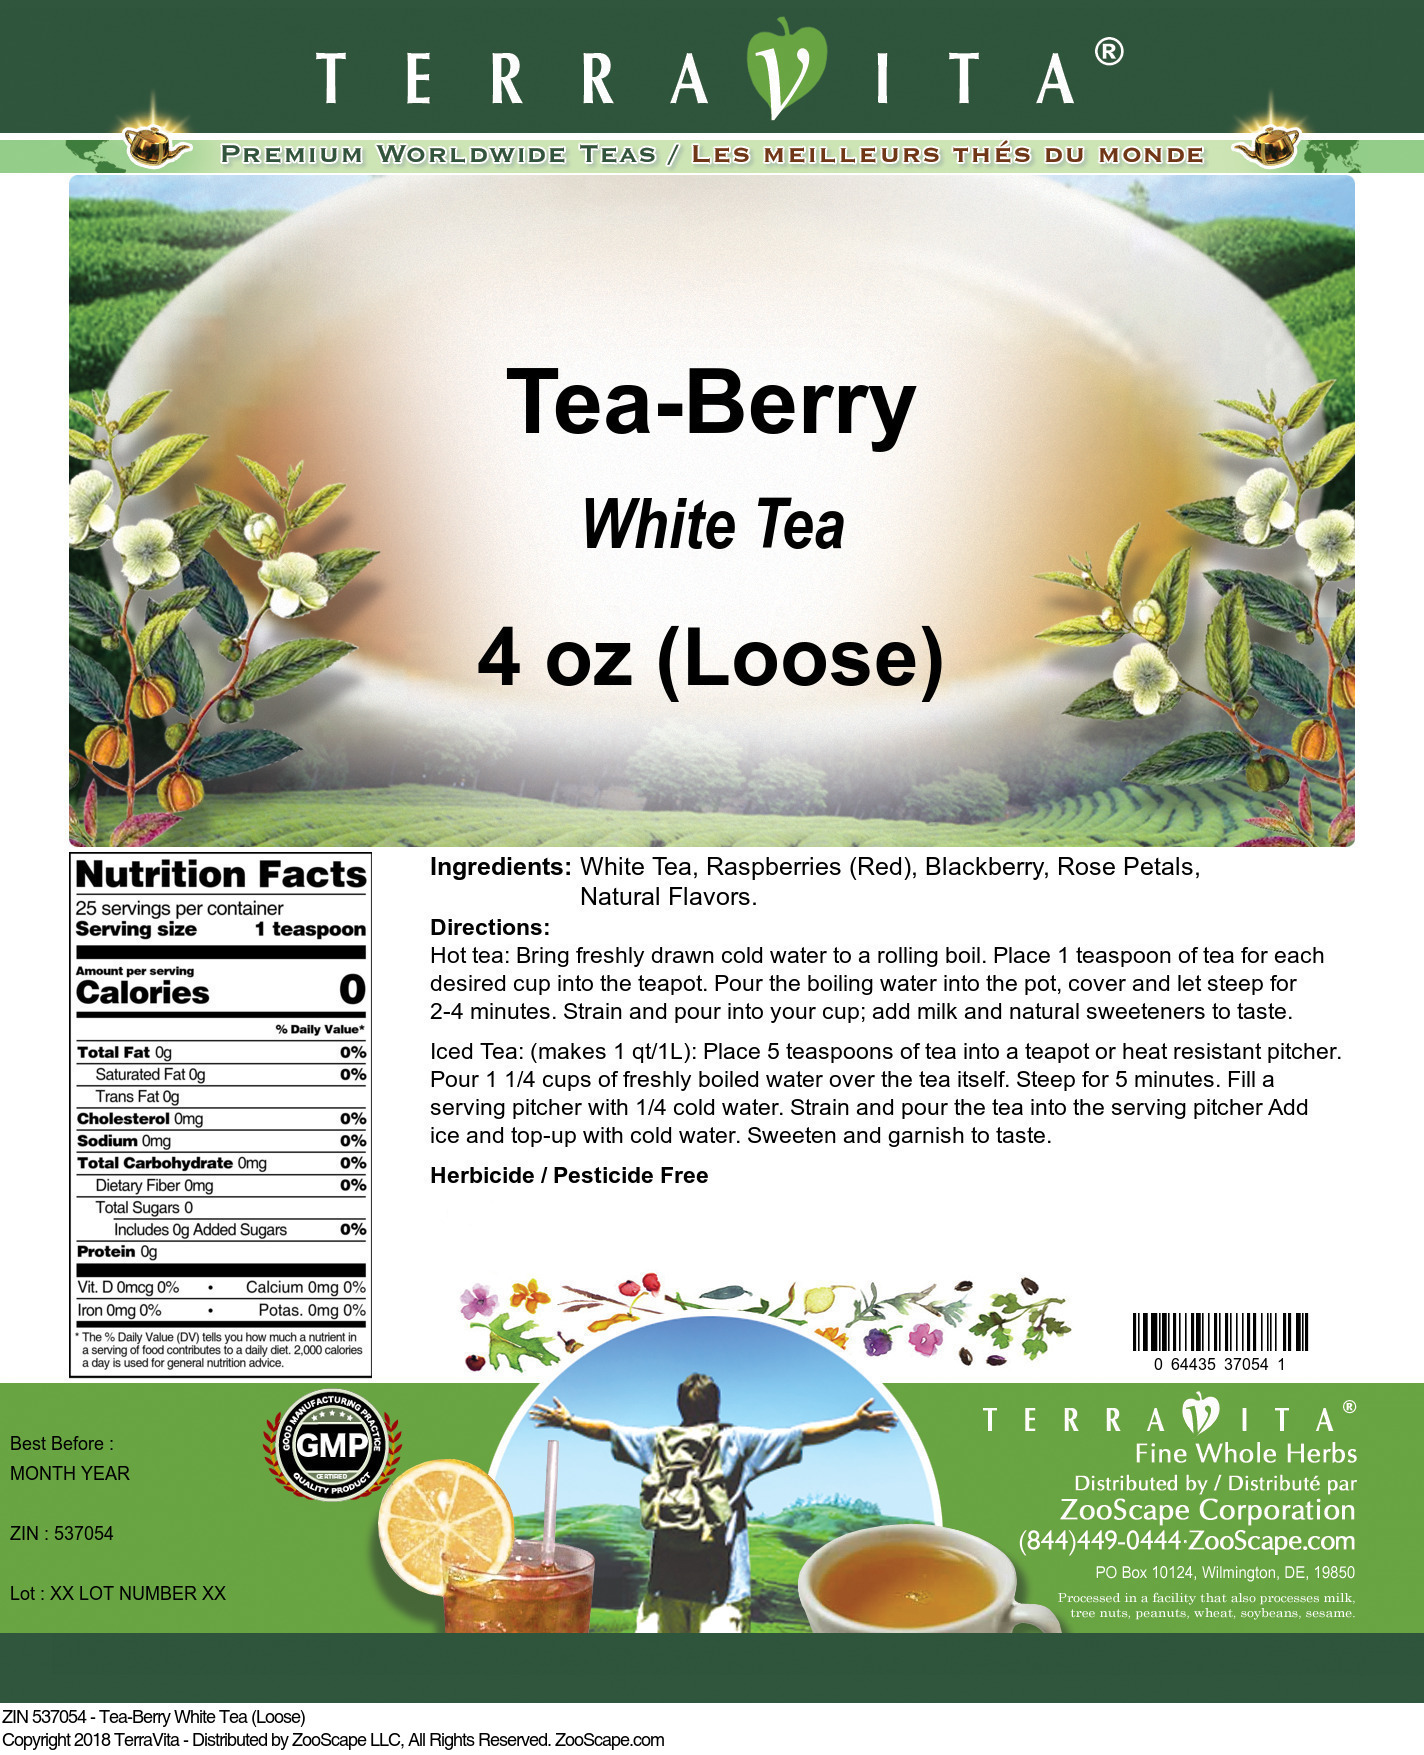 Tea-Berry White Tea